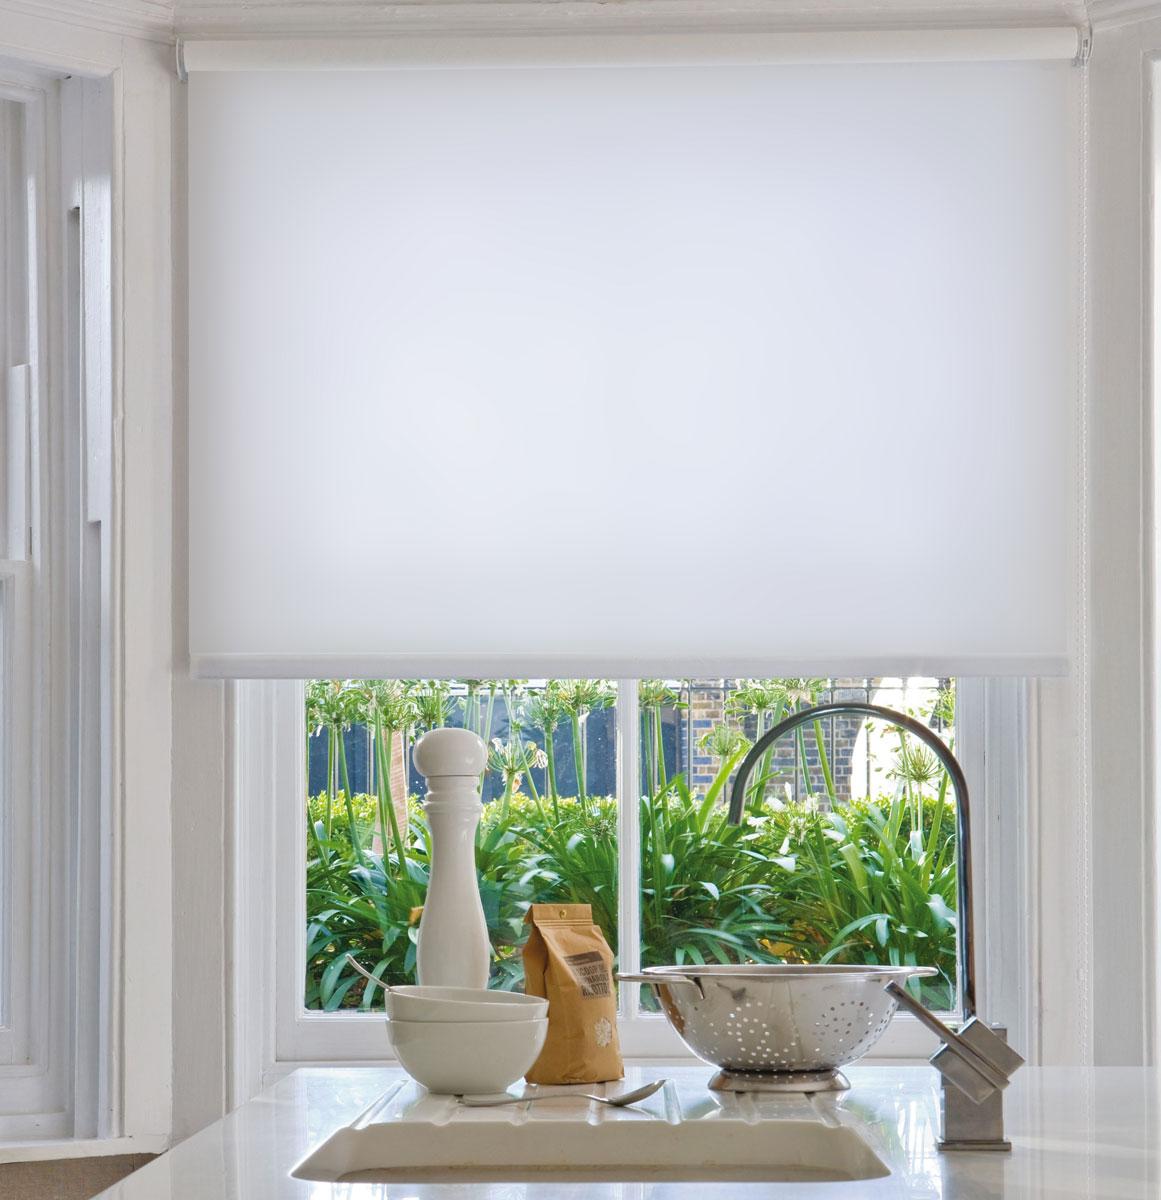 Штора рулонная KauffOrt Миниролло, светонепроницаемая, цвет: белый, ширина 90 см, высота 170 см94090007Рулонная штора KauffOrt Миниролло выполнена из высокопрочной полностью светонепроницаемой ткани белого цвета, которая сохраняет свой размер даже при намокании. Ткань не выцветает и обладает отличной цветоустойчивостью. Миниролло - это подвид рулонных штор, который закрывает не весь оконный проем, а непосредственно само стекло. Такие шторы крепятся на раму без сверления при помощи зажимов или клейкой двухсторонней ленты. Окно остаётся на гарантии, благодаря монтажу без сверления. Такая штора станет прекрасным элементом декора окна и гармонично впишется в интерьер любого помещения.